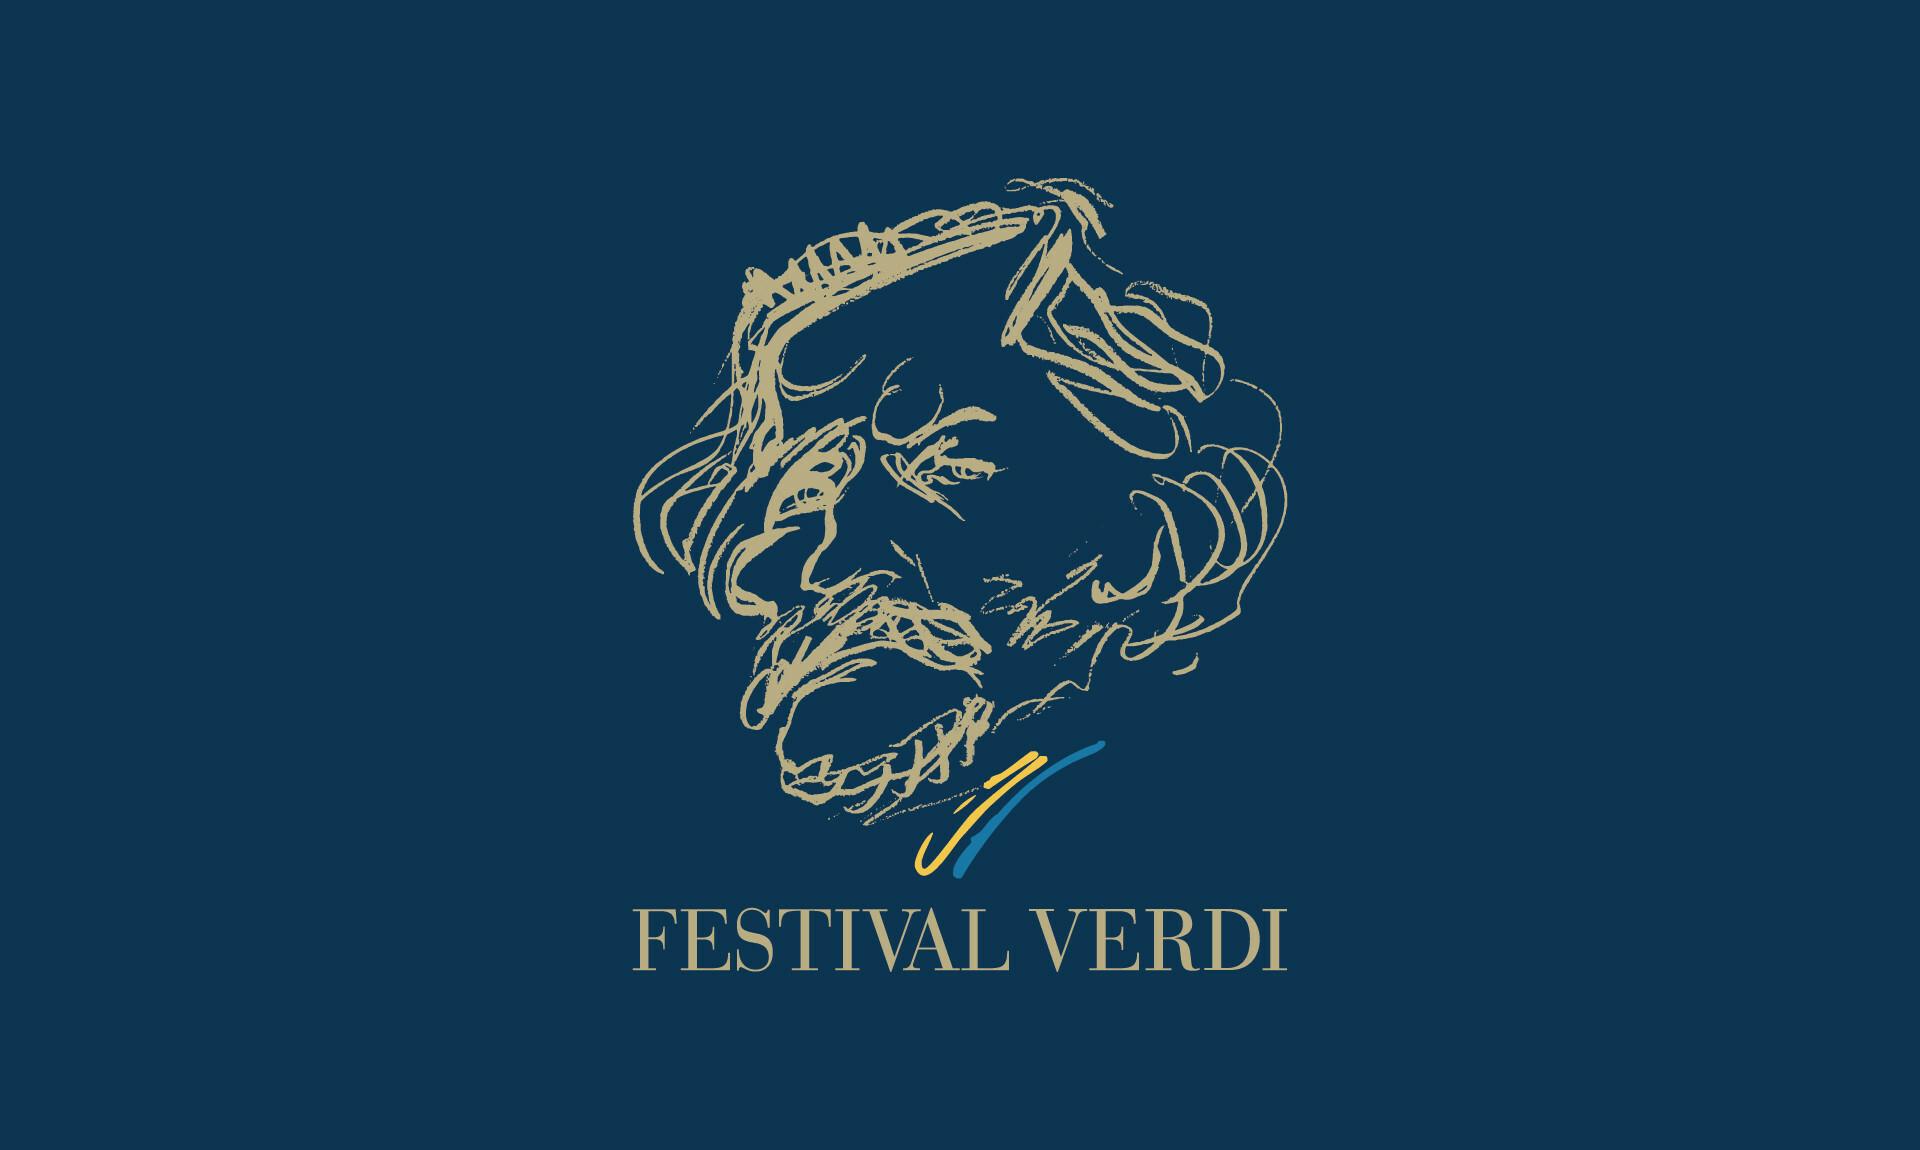 Festival Verdi 2019: Prima che si alzi il sipario  Il compositore, la genesi delle opere e i capolavori letterari che ne hanno ispirato la produzione